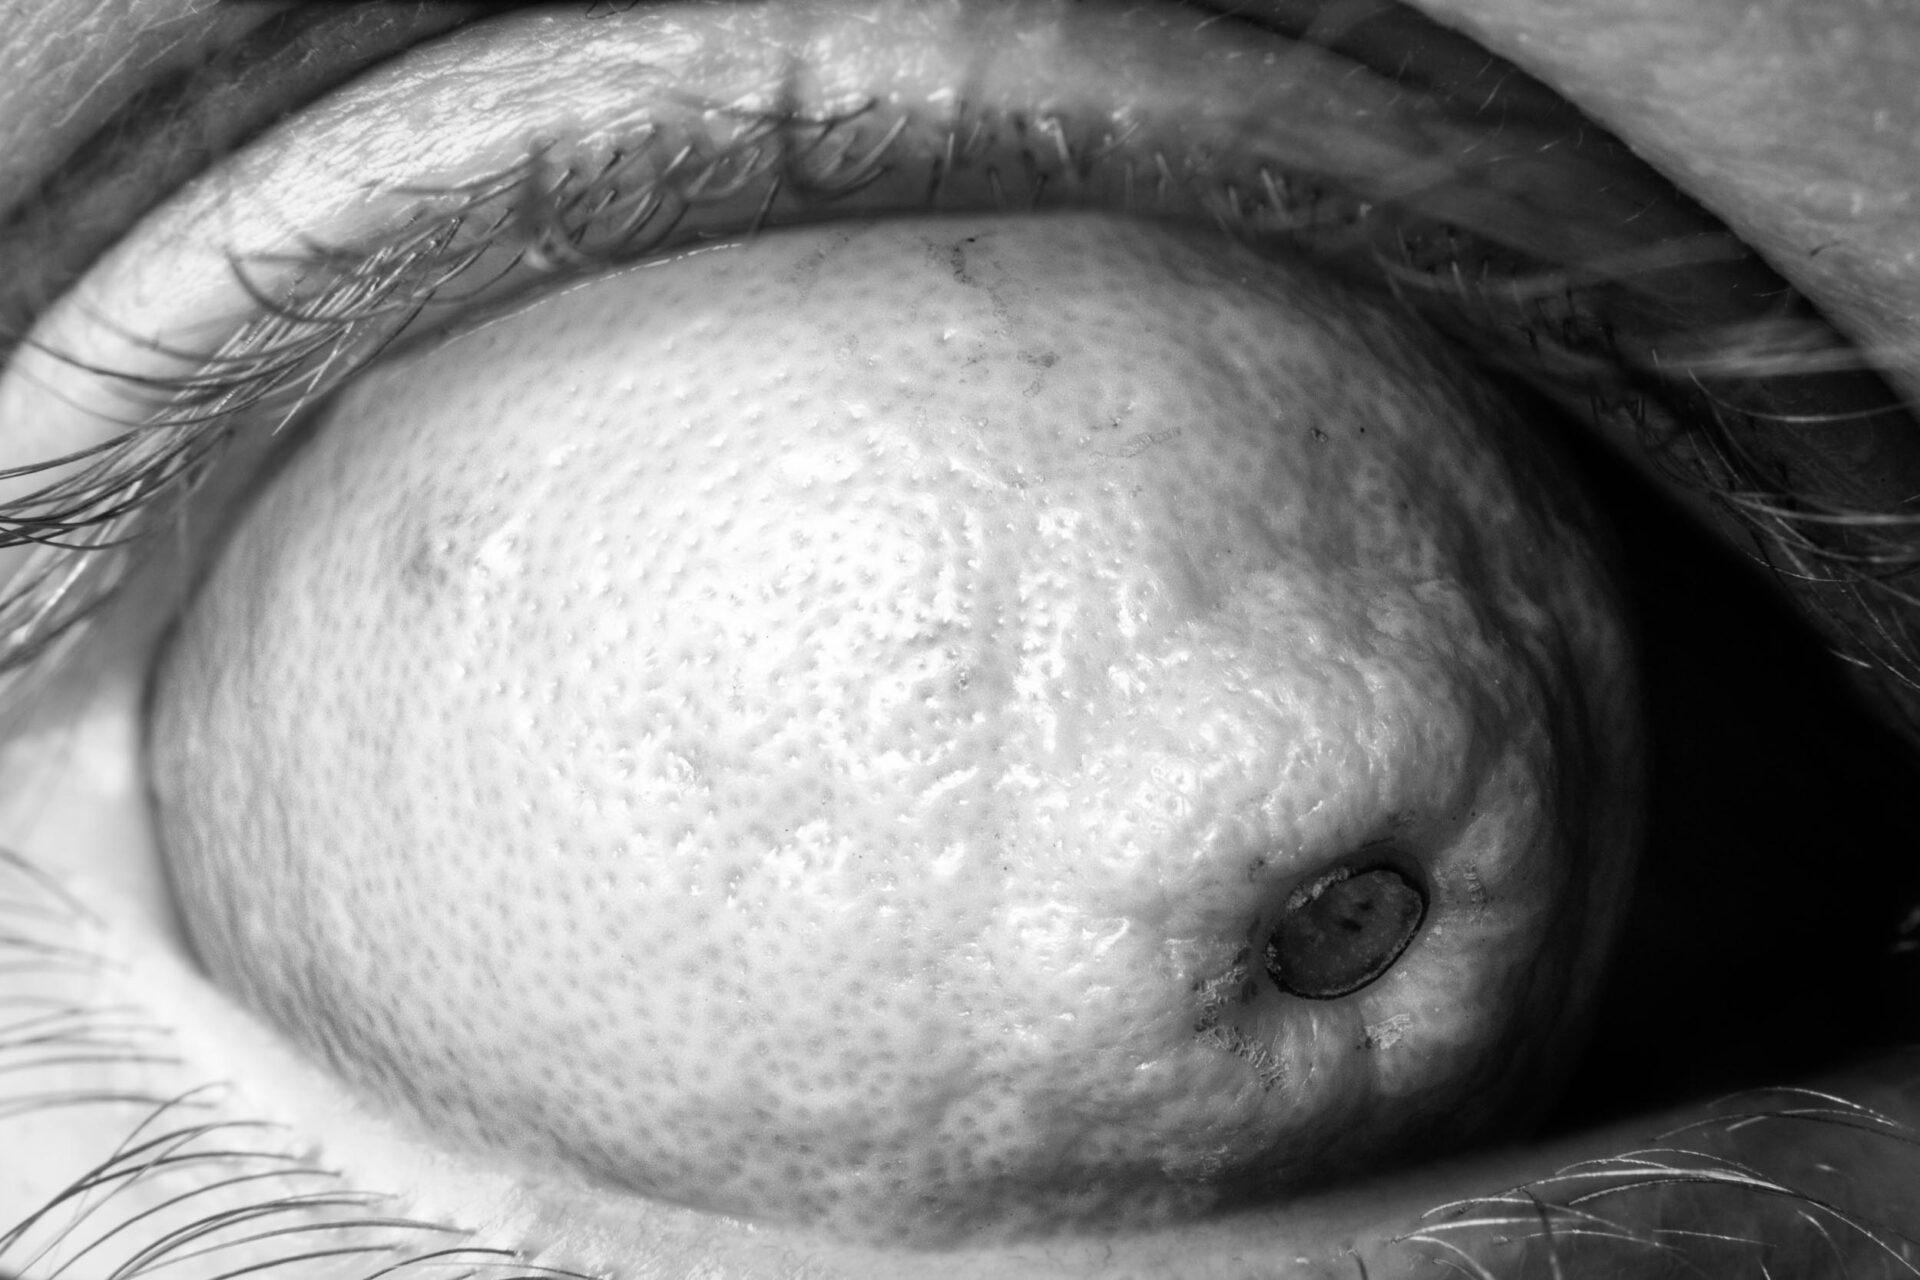 L'eye'mon